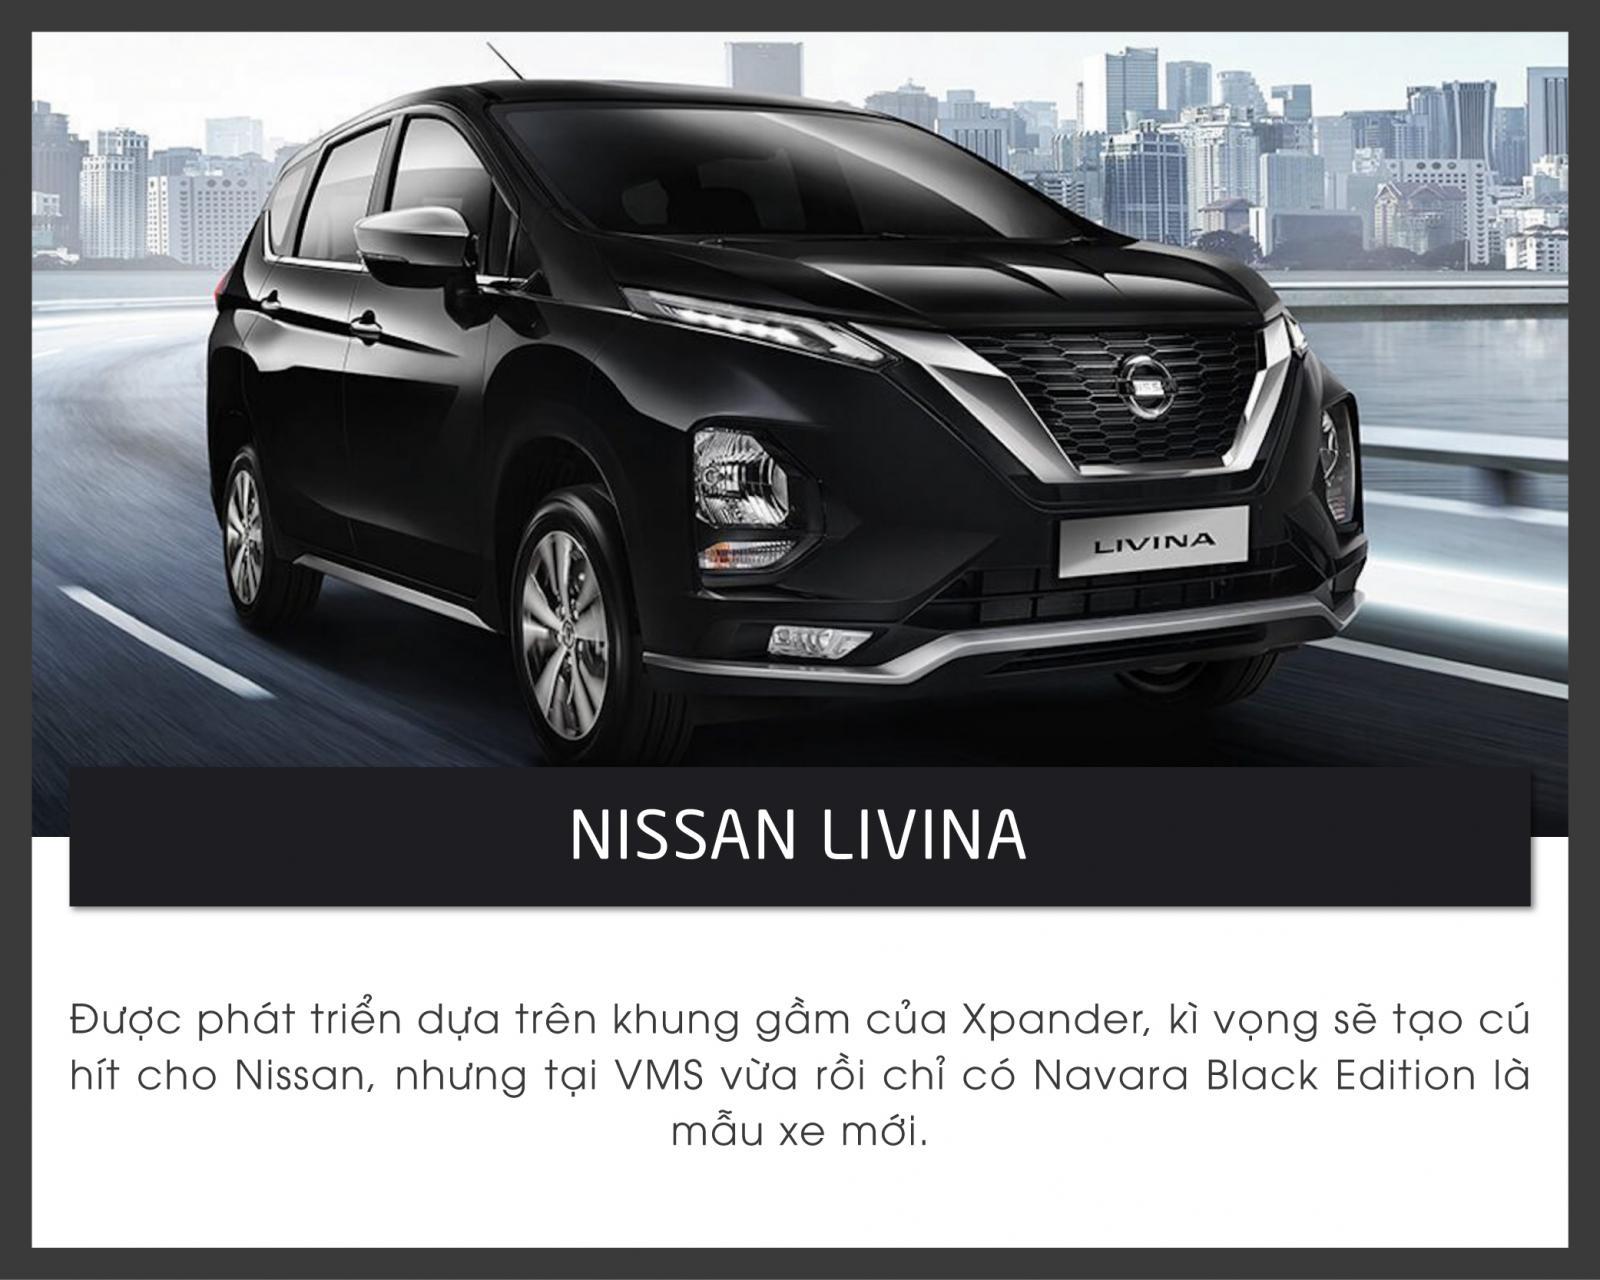 7 mẫu xe không xuất hiện tại triển lãm ô tô Việt Nam 2019 khiến khách hàng hụt hẫng 4a